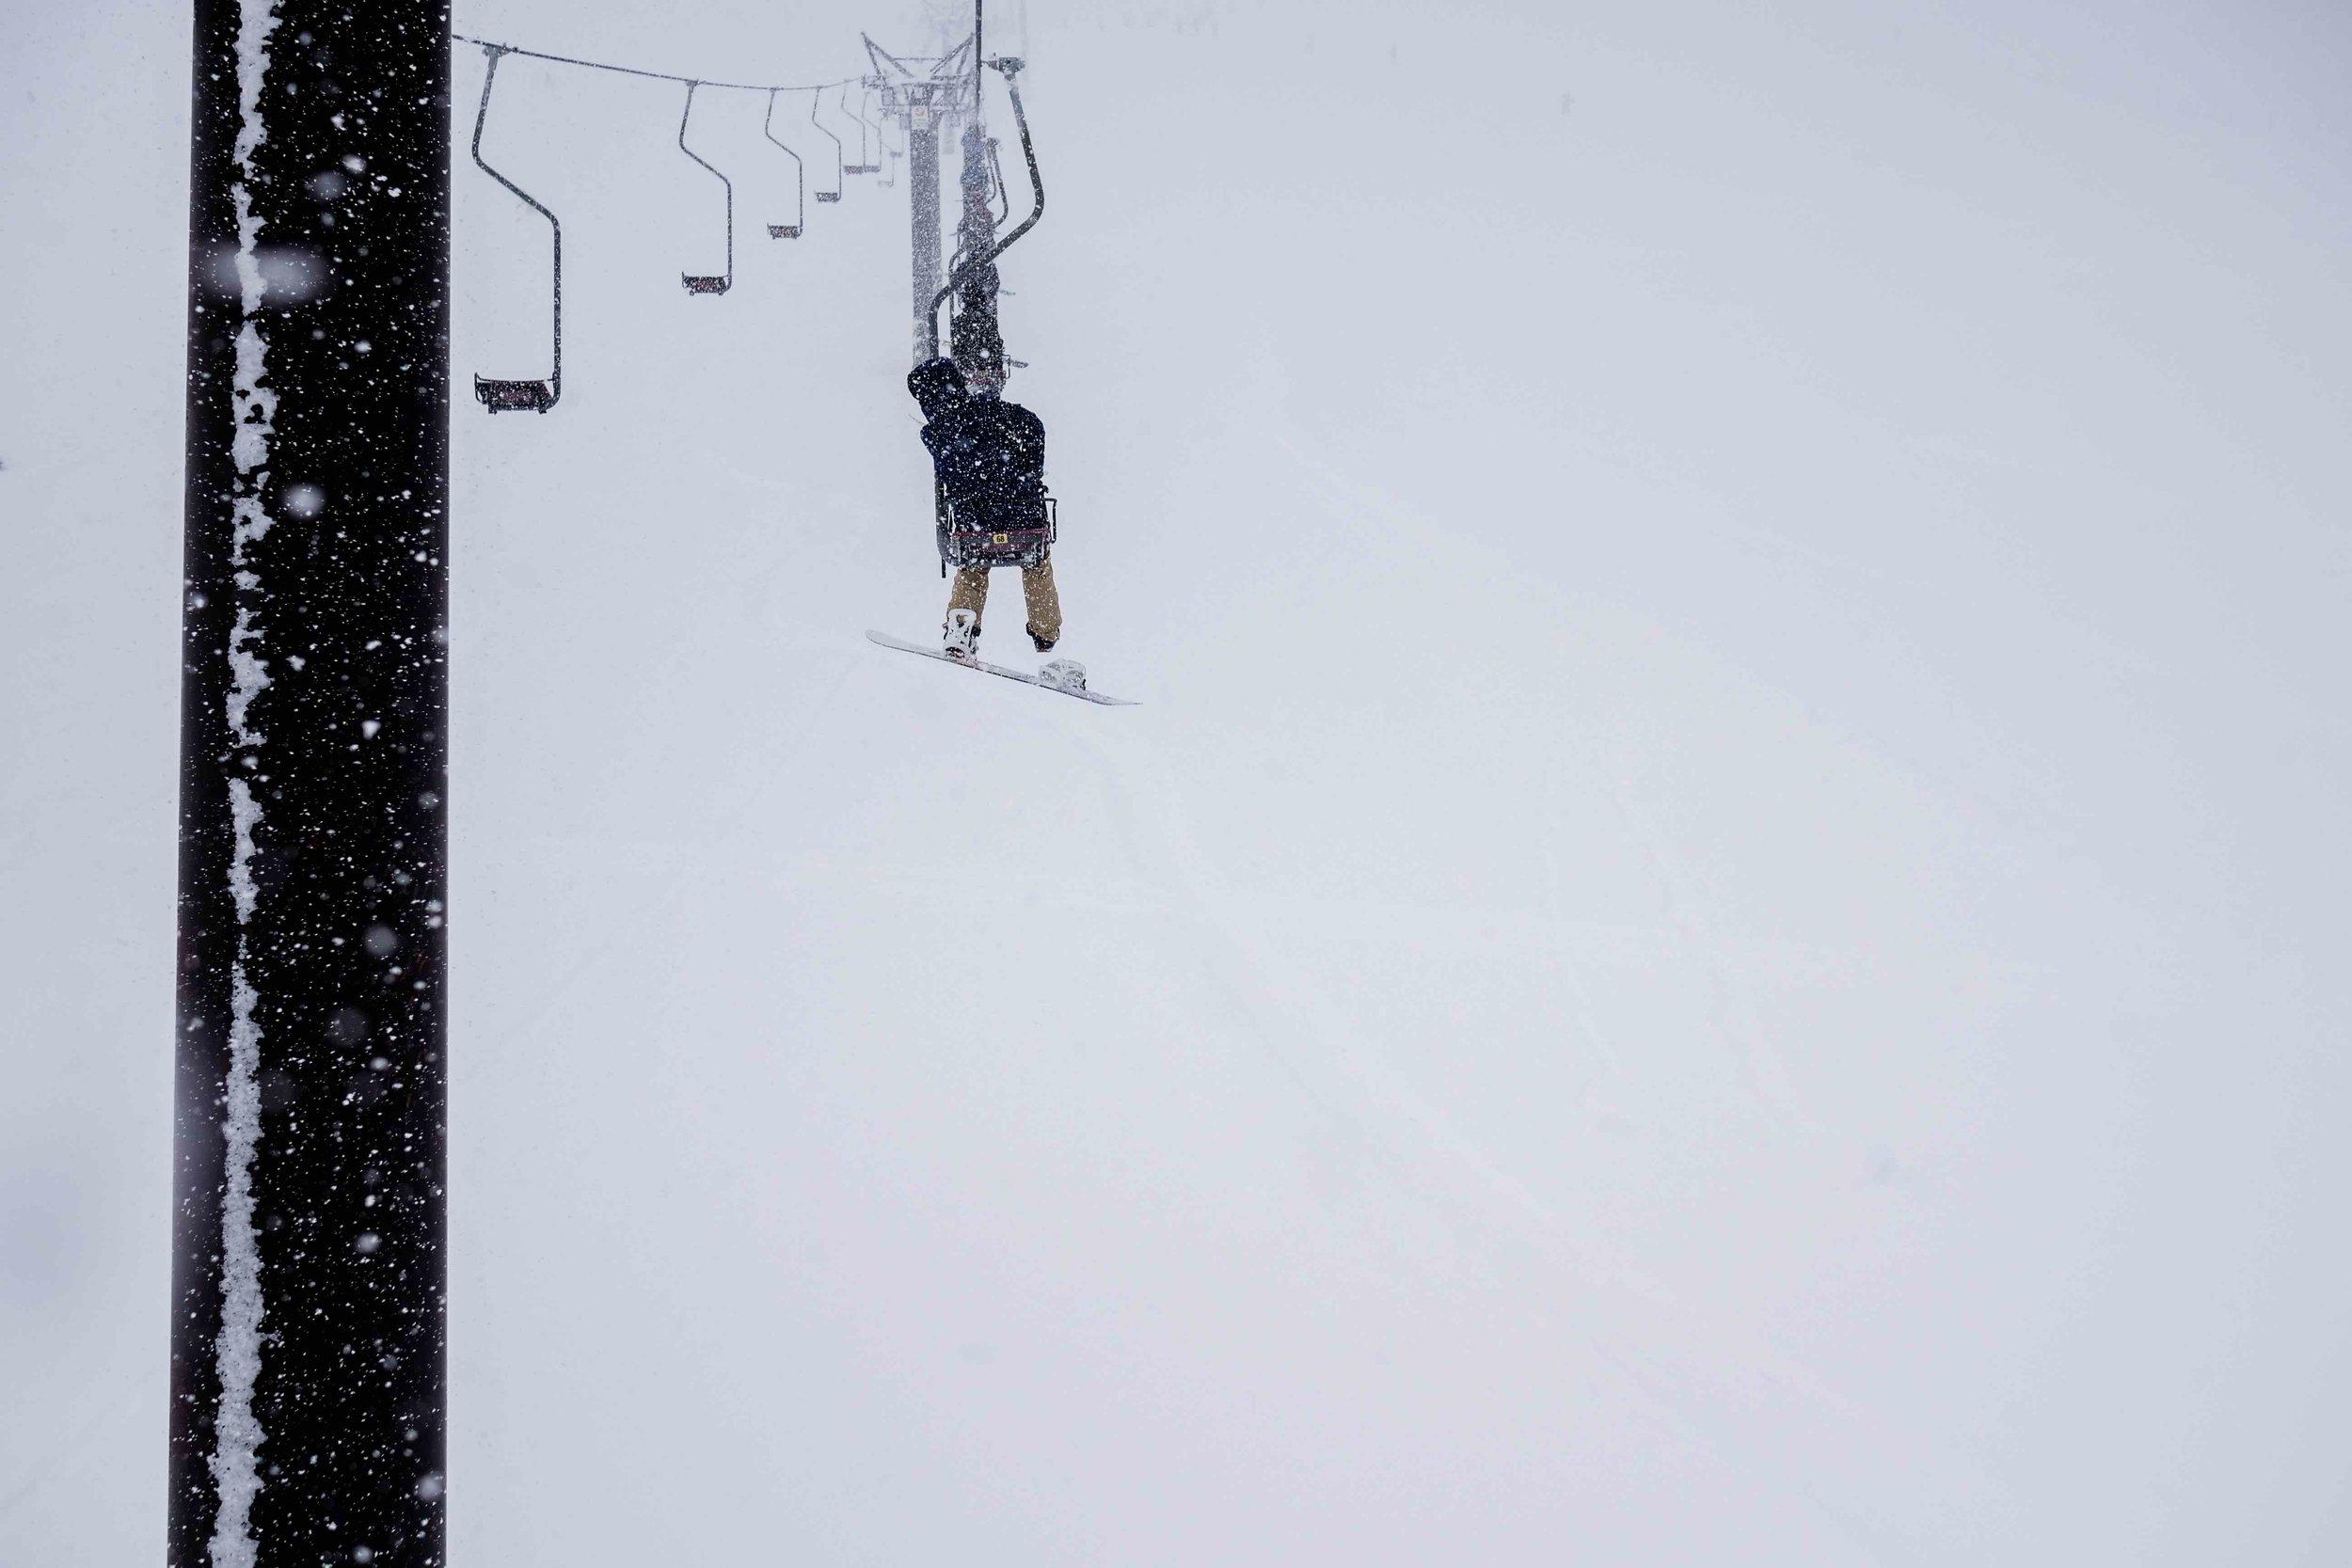 BPRSNT KJERSTI BUAAS SNOWBOARDING NISEKO CHAIRLIFT JAPAN POWDER jpg.jpg